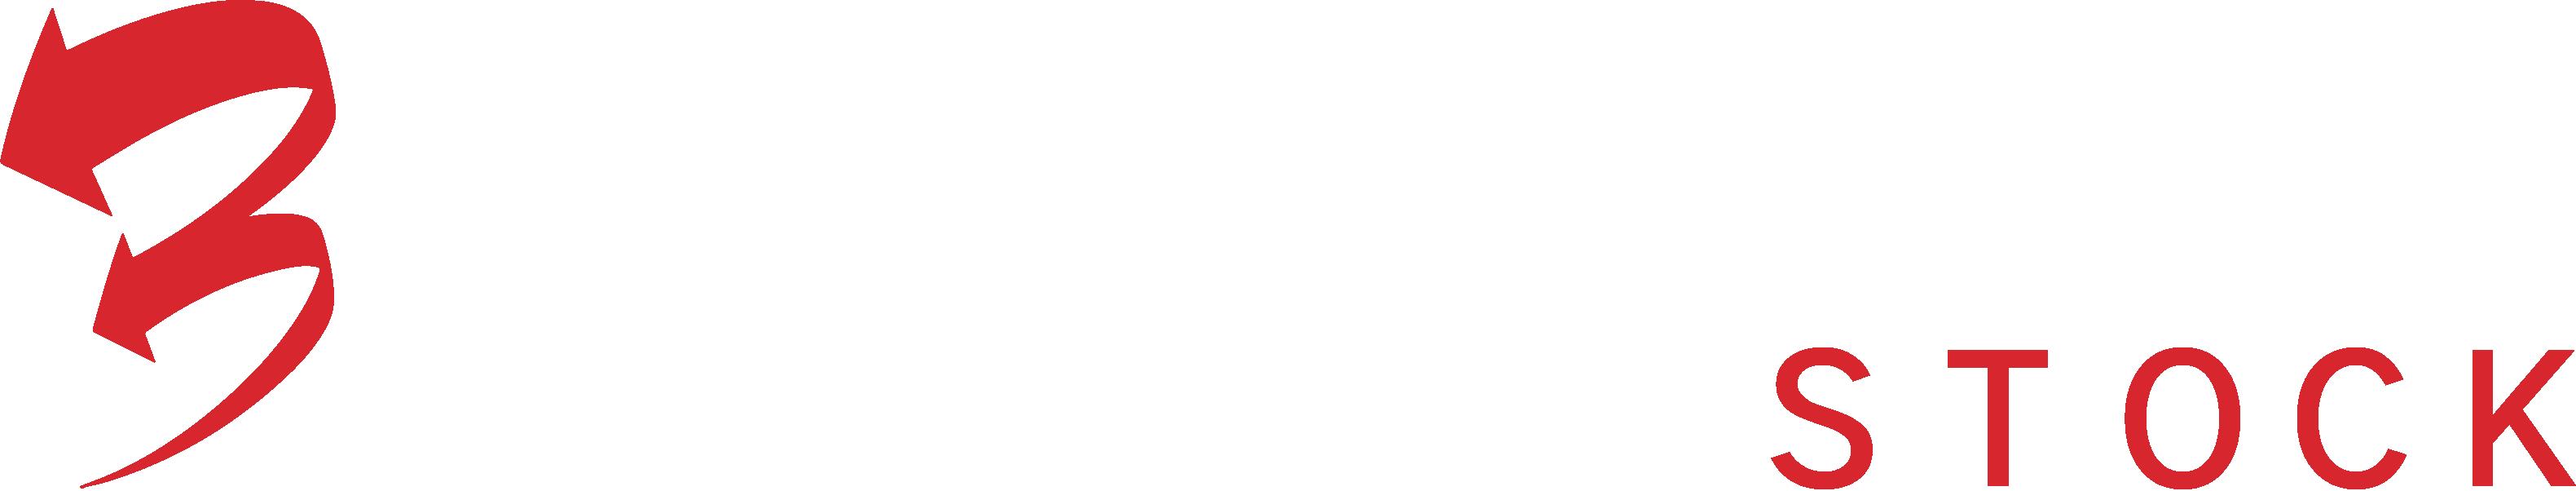 BizBiz Stock